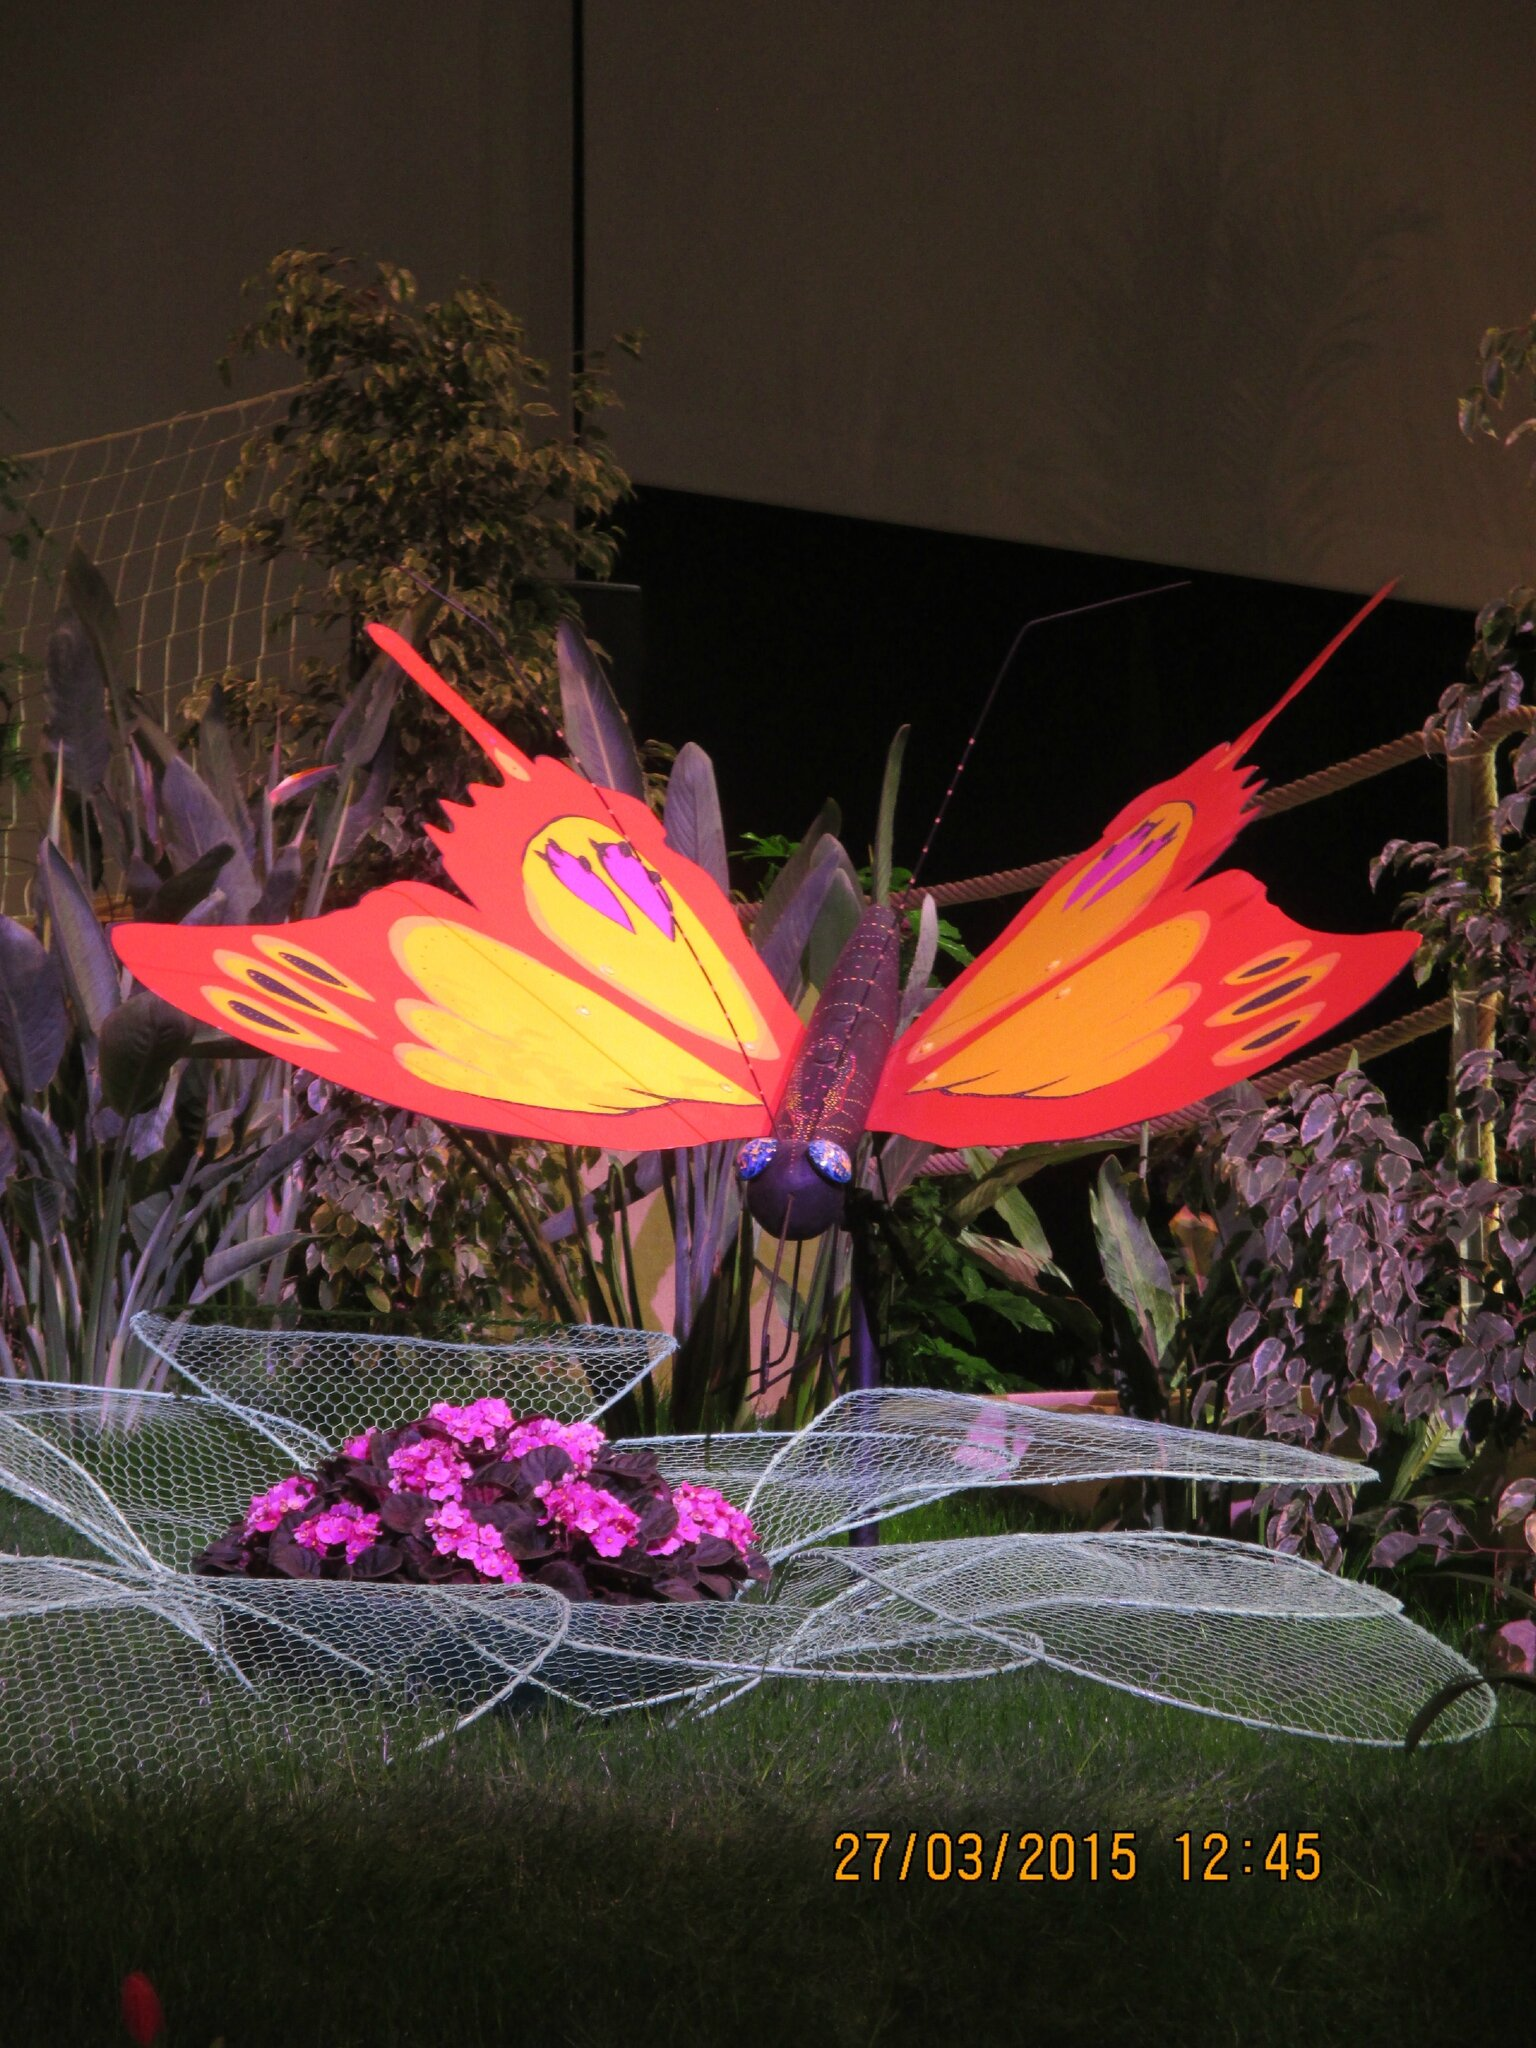 voilà la fin de notre balade,regardez bien la conception des fleurs de nénuphars...bonne soirée à tous et toutes♥